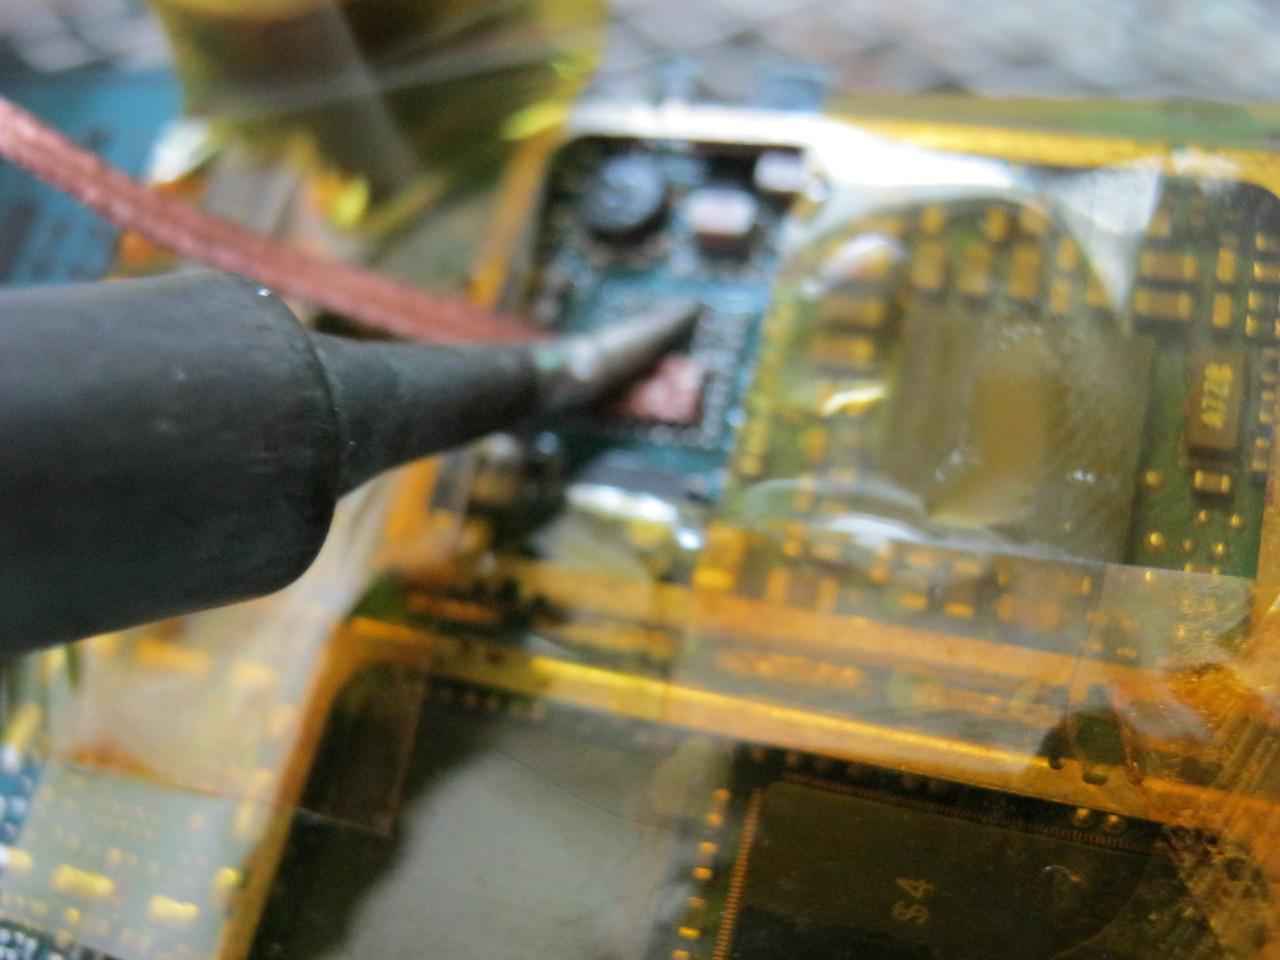 чистка контактных площадок с помощью оплетки